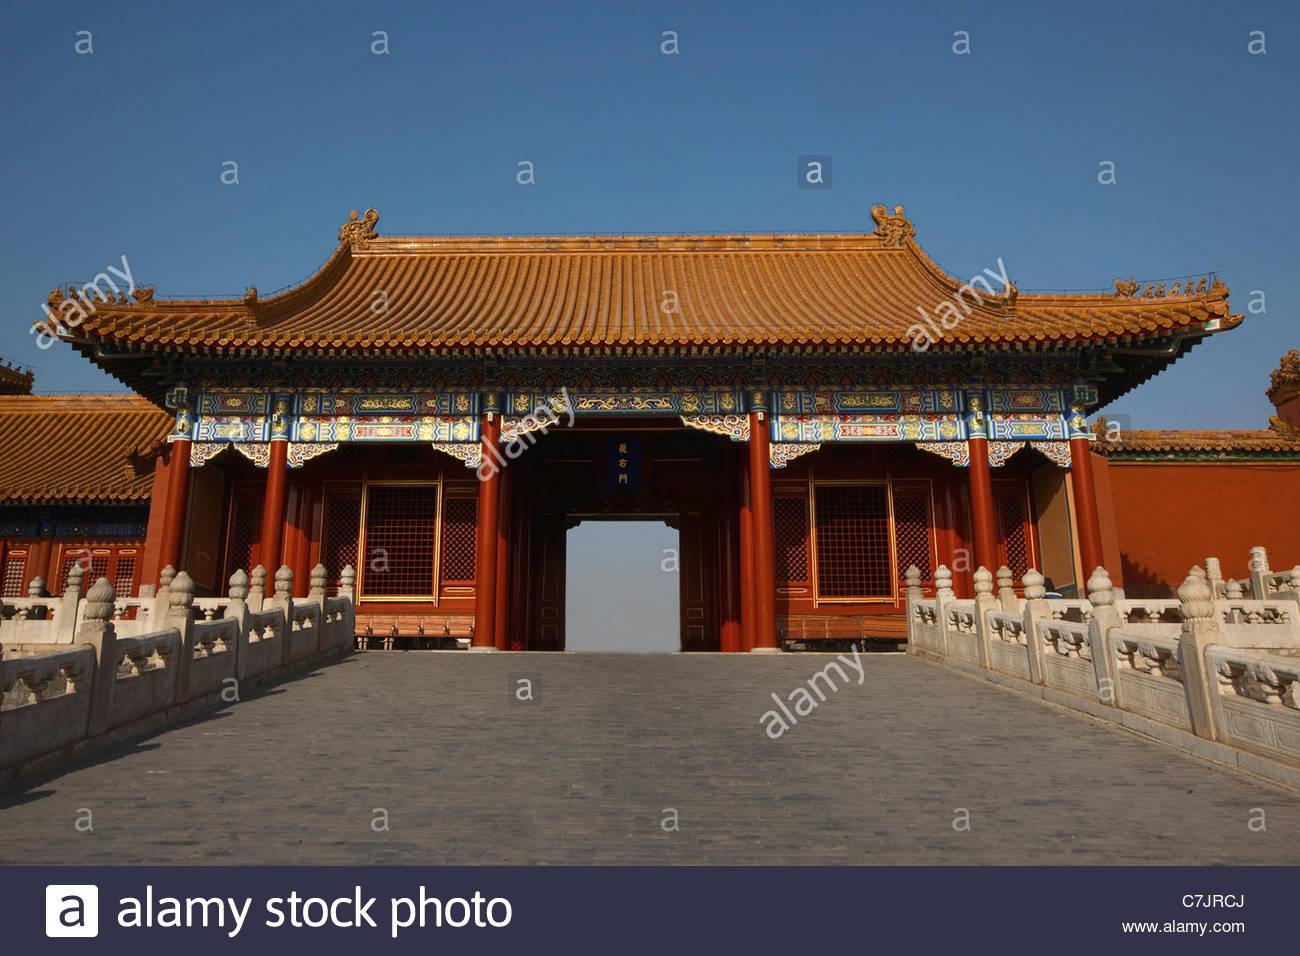 Reich verzierte chinesische Gebäude mit Innenhof Stockbild